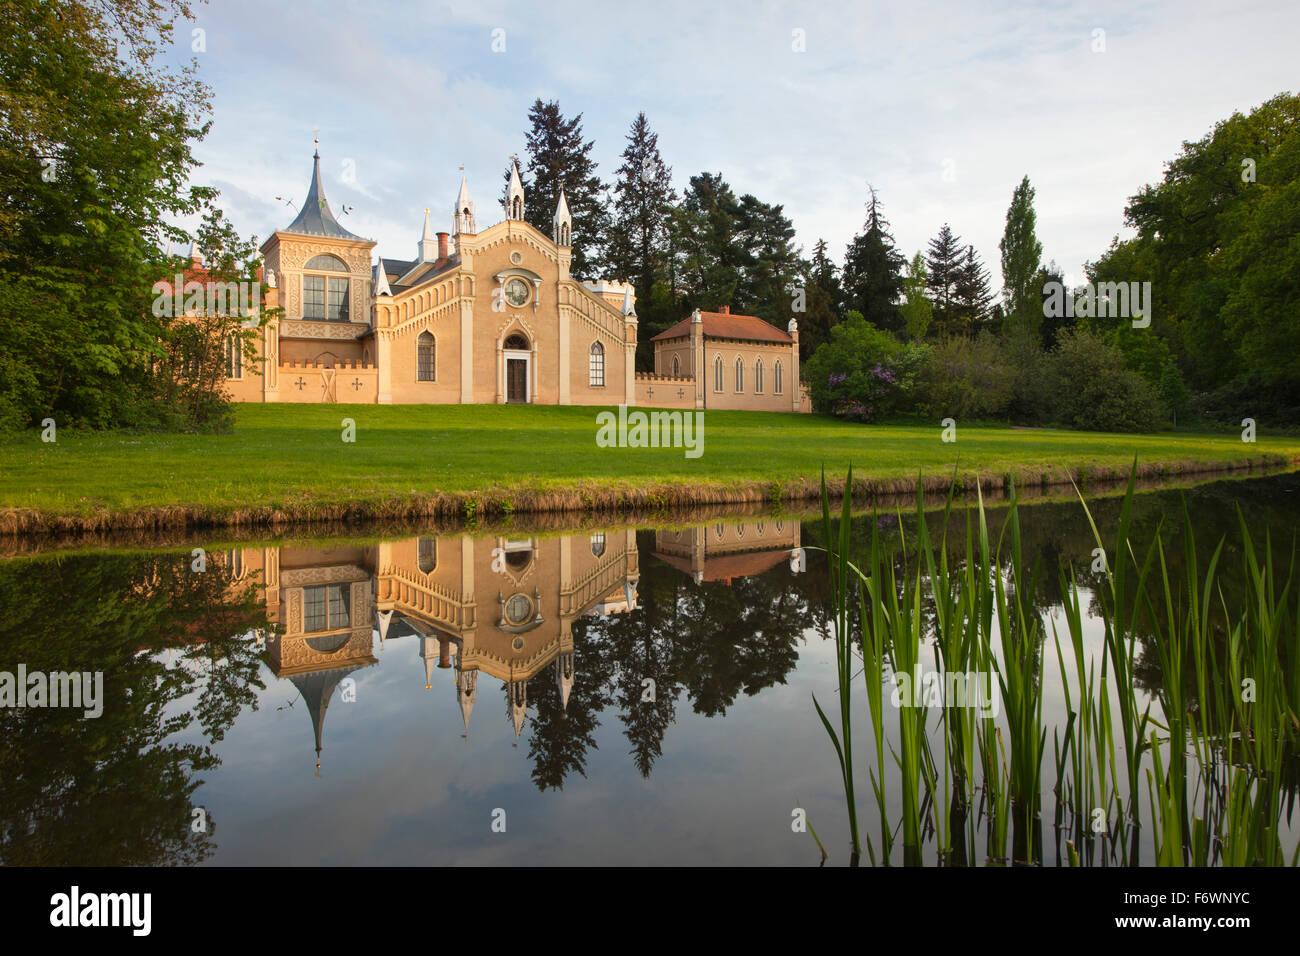 Gotisches Haus Wörlitz UNESCO Welterbe Garten Königreich